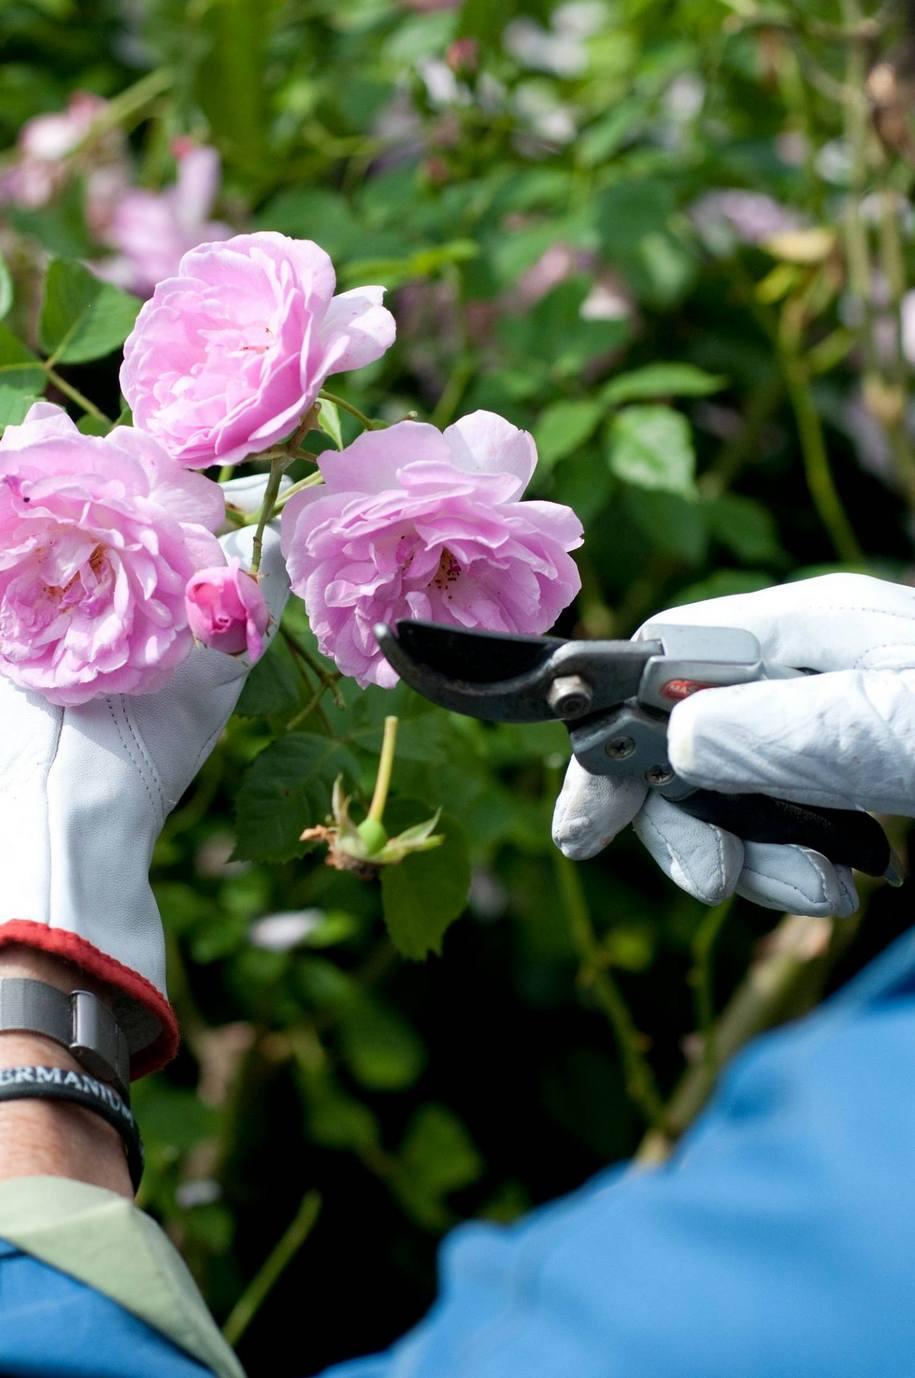 Літнє обрізування троянд – для охайного вигляду квітника та направлення сили троянди на наступне цвітіння